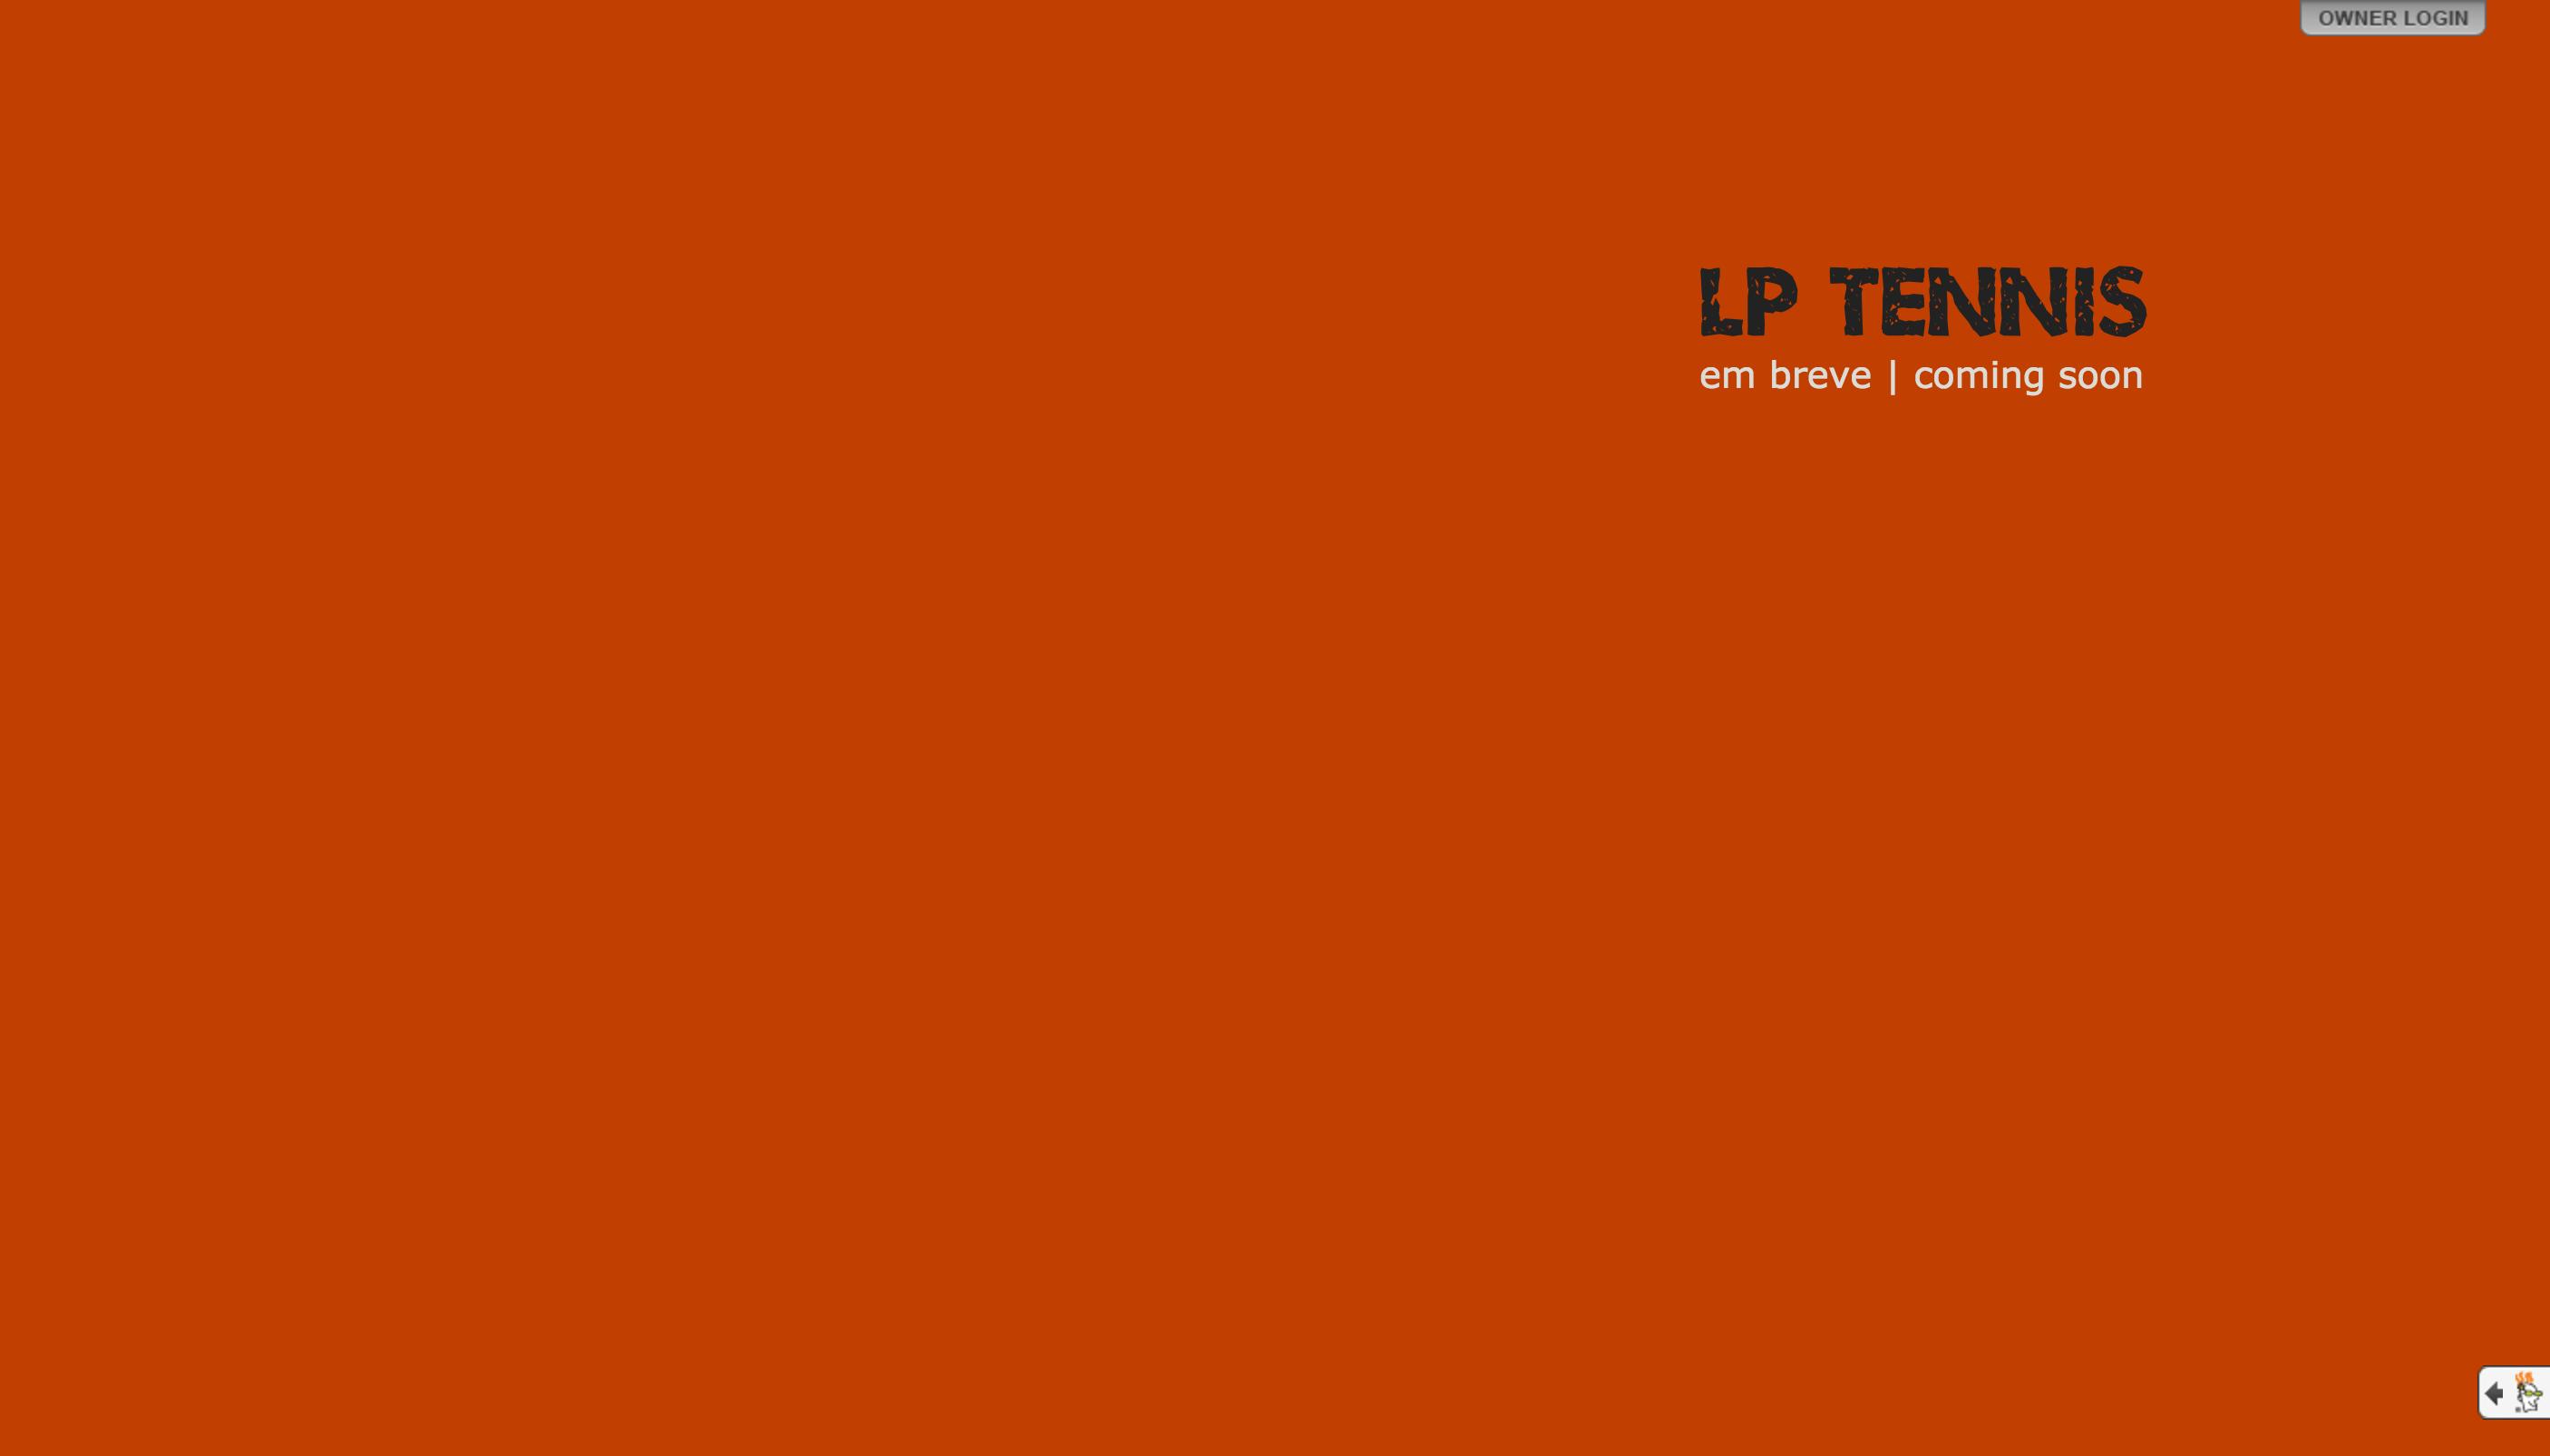 Primeira versão do site da Lptennis